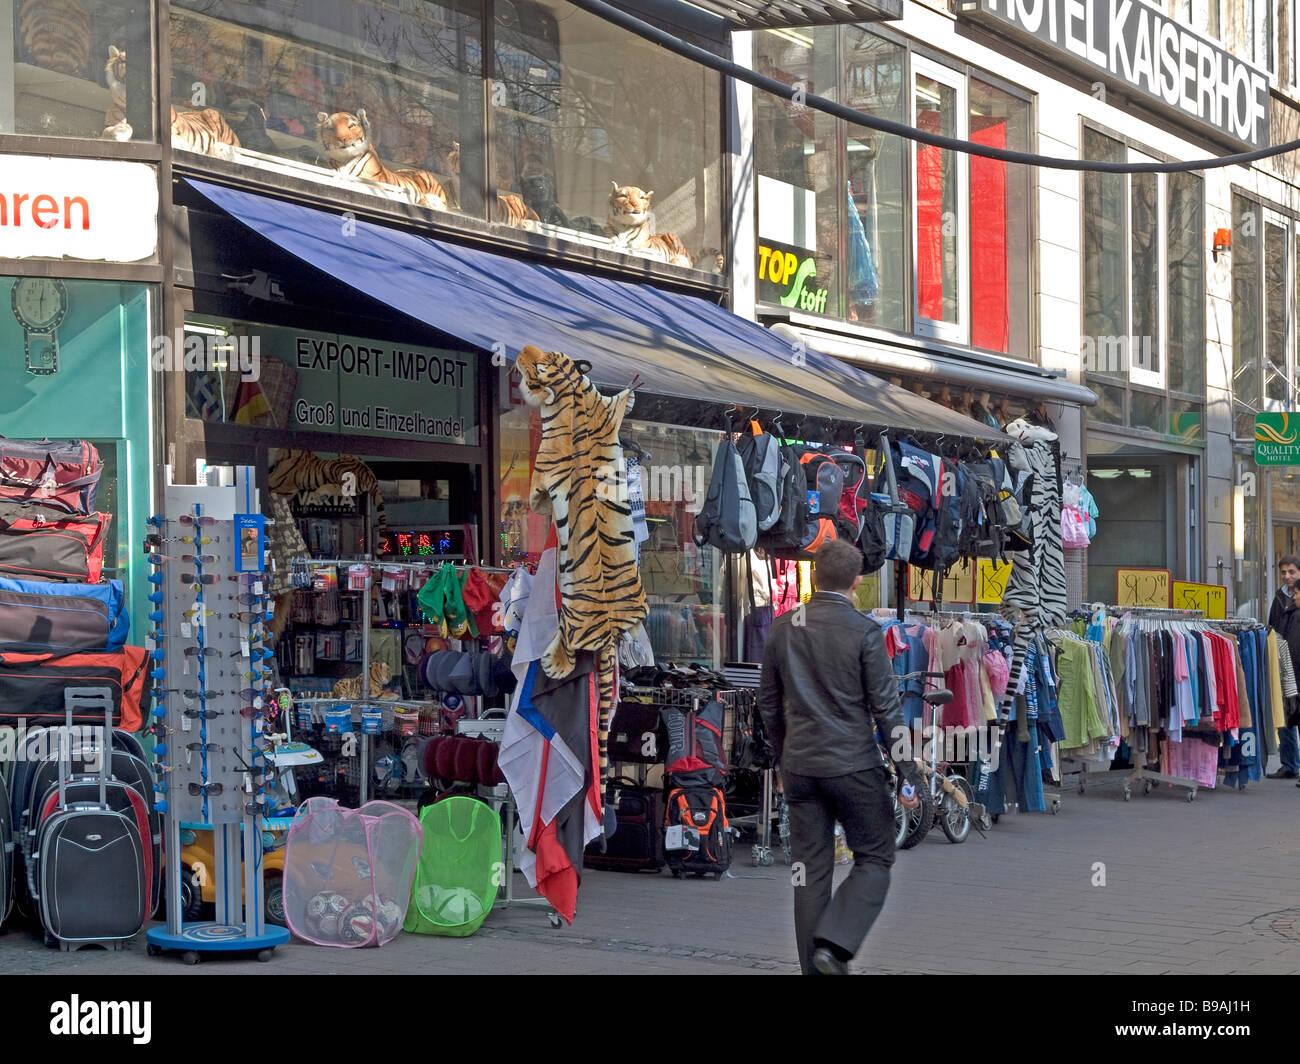 53999030a1b54 Tienda con mochilas y ropa y gafas de sol untensils recuerdos en Kaiserstraße  Frankfurt am Main Hessen Alemania